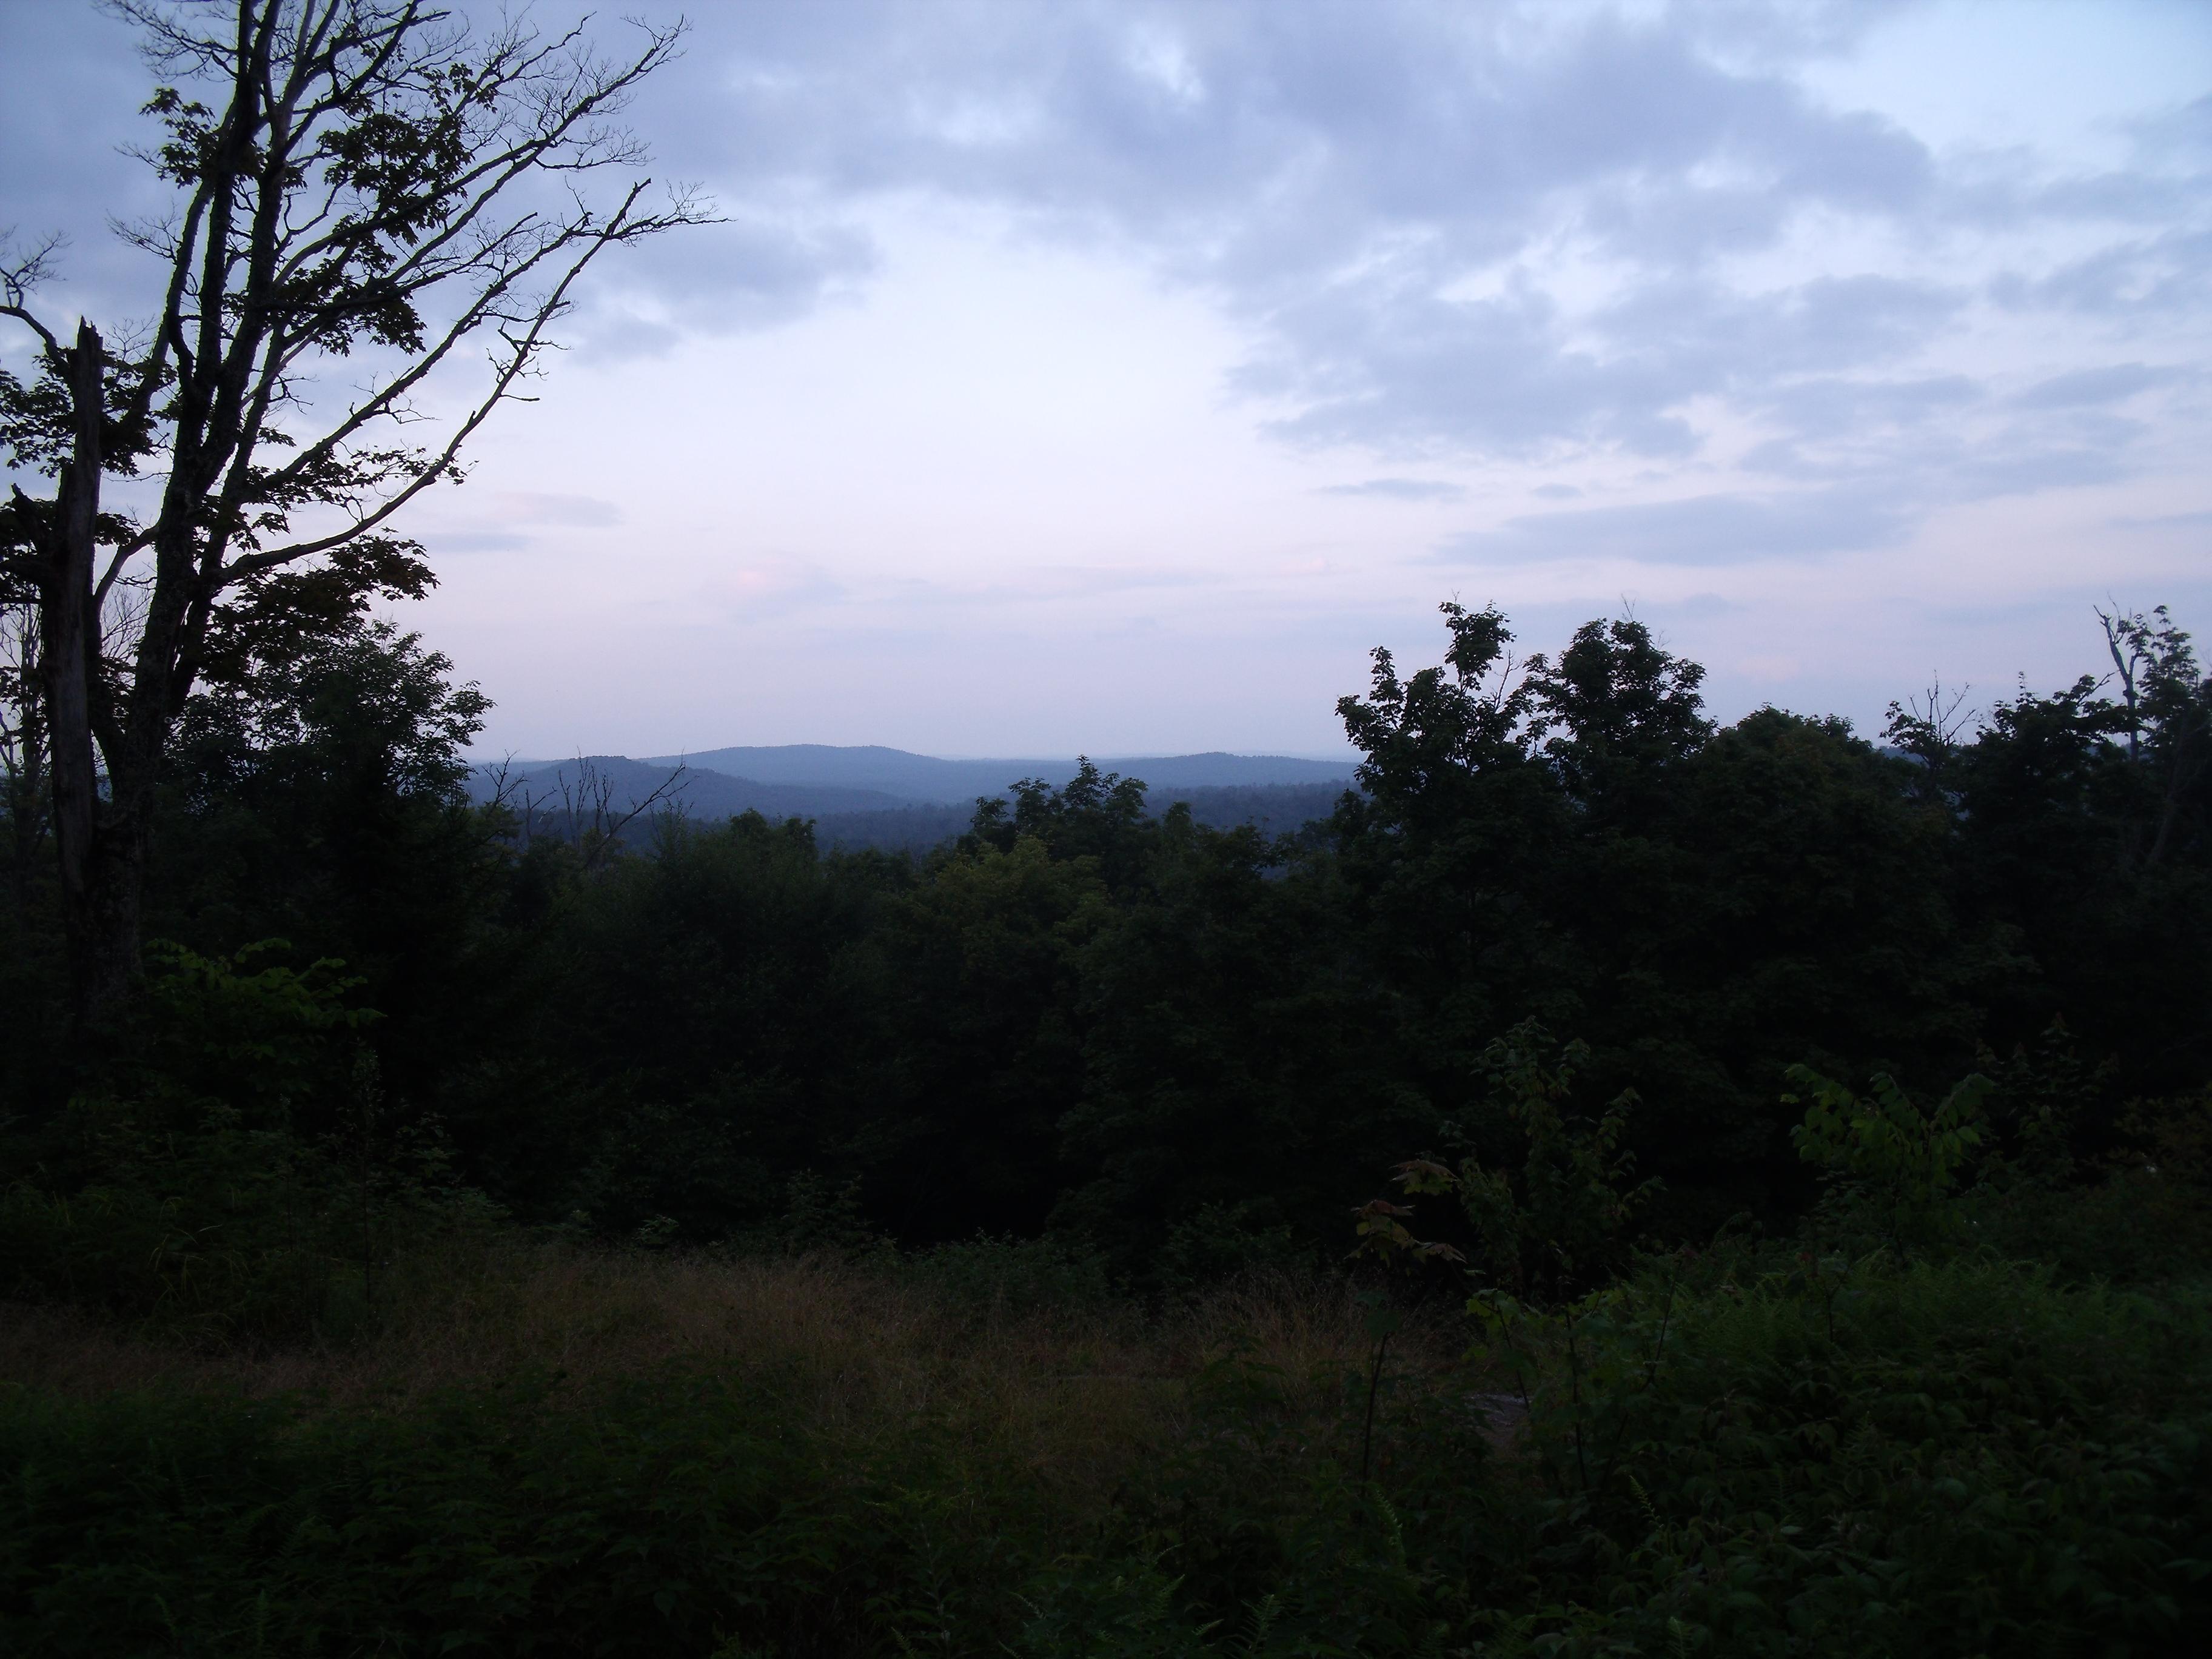 Tooley Mountain Summit Summer